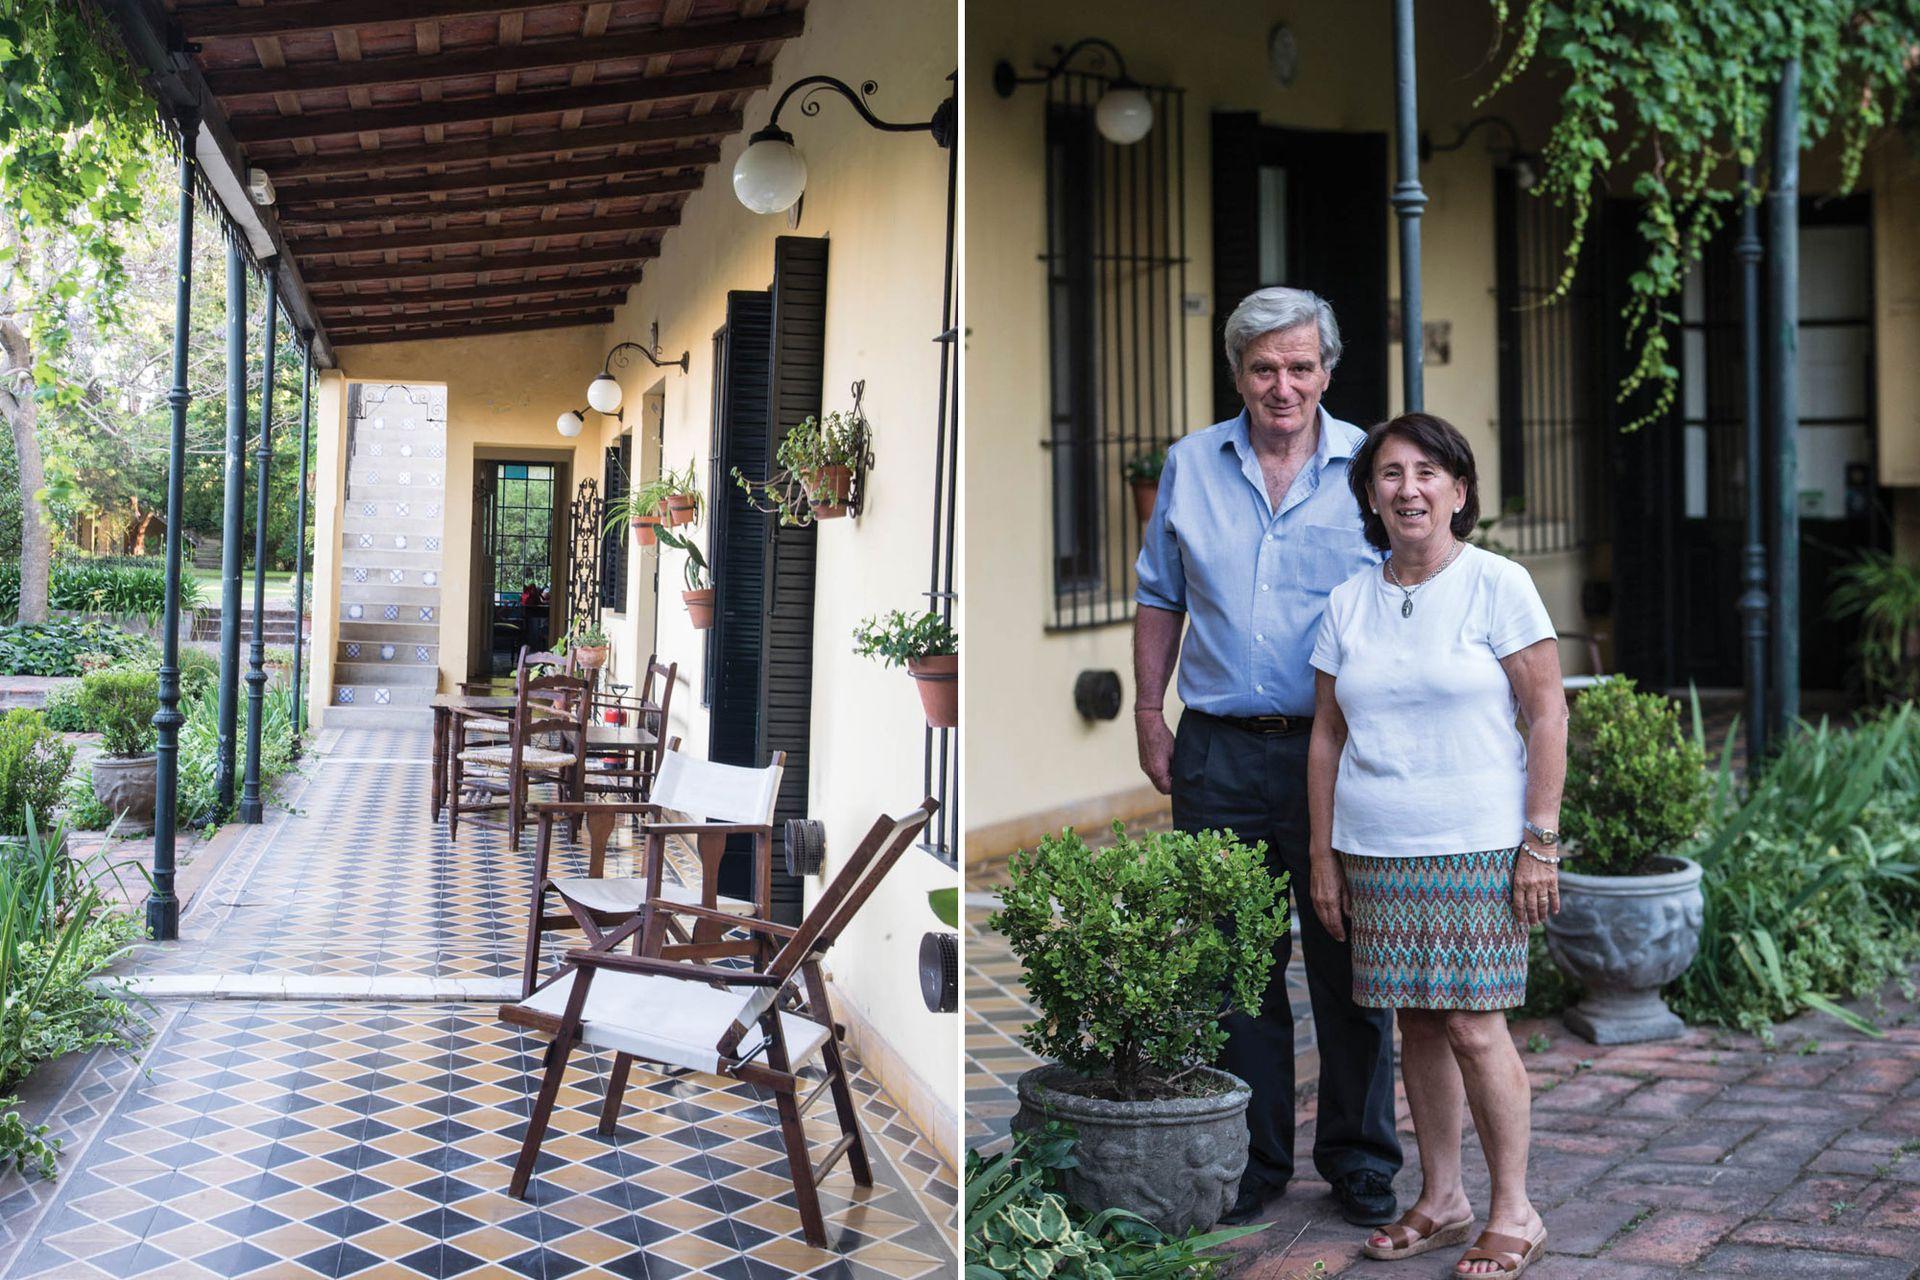 Izquierda: la galería conserva los pisos calcáreos de fin de siglo XIX. Derecha: Ricardo e Isabel reciben a los turistas, en su mayoría extranjeros.